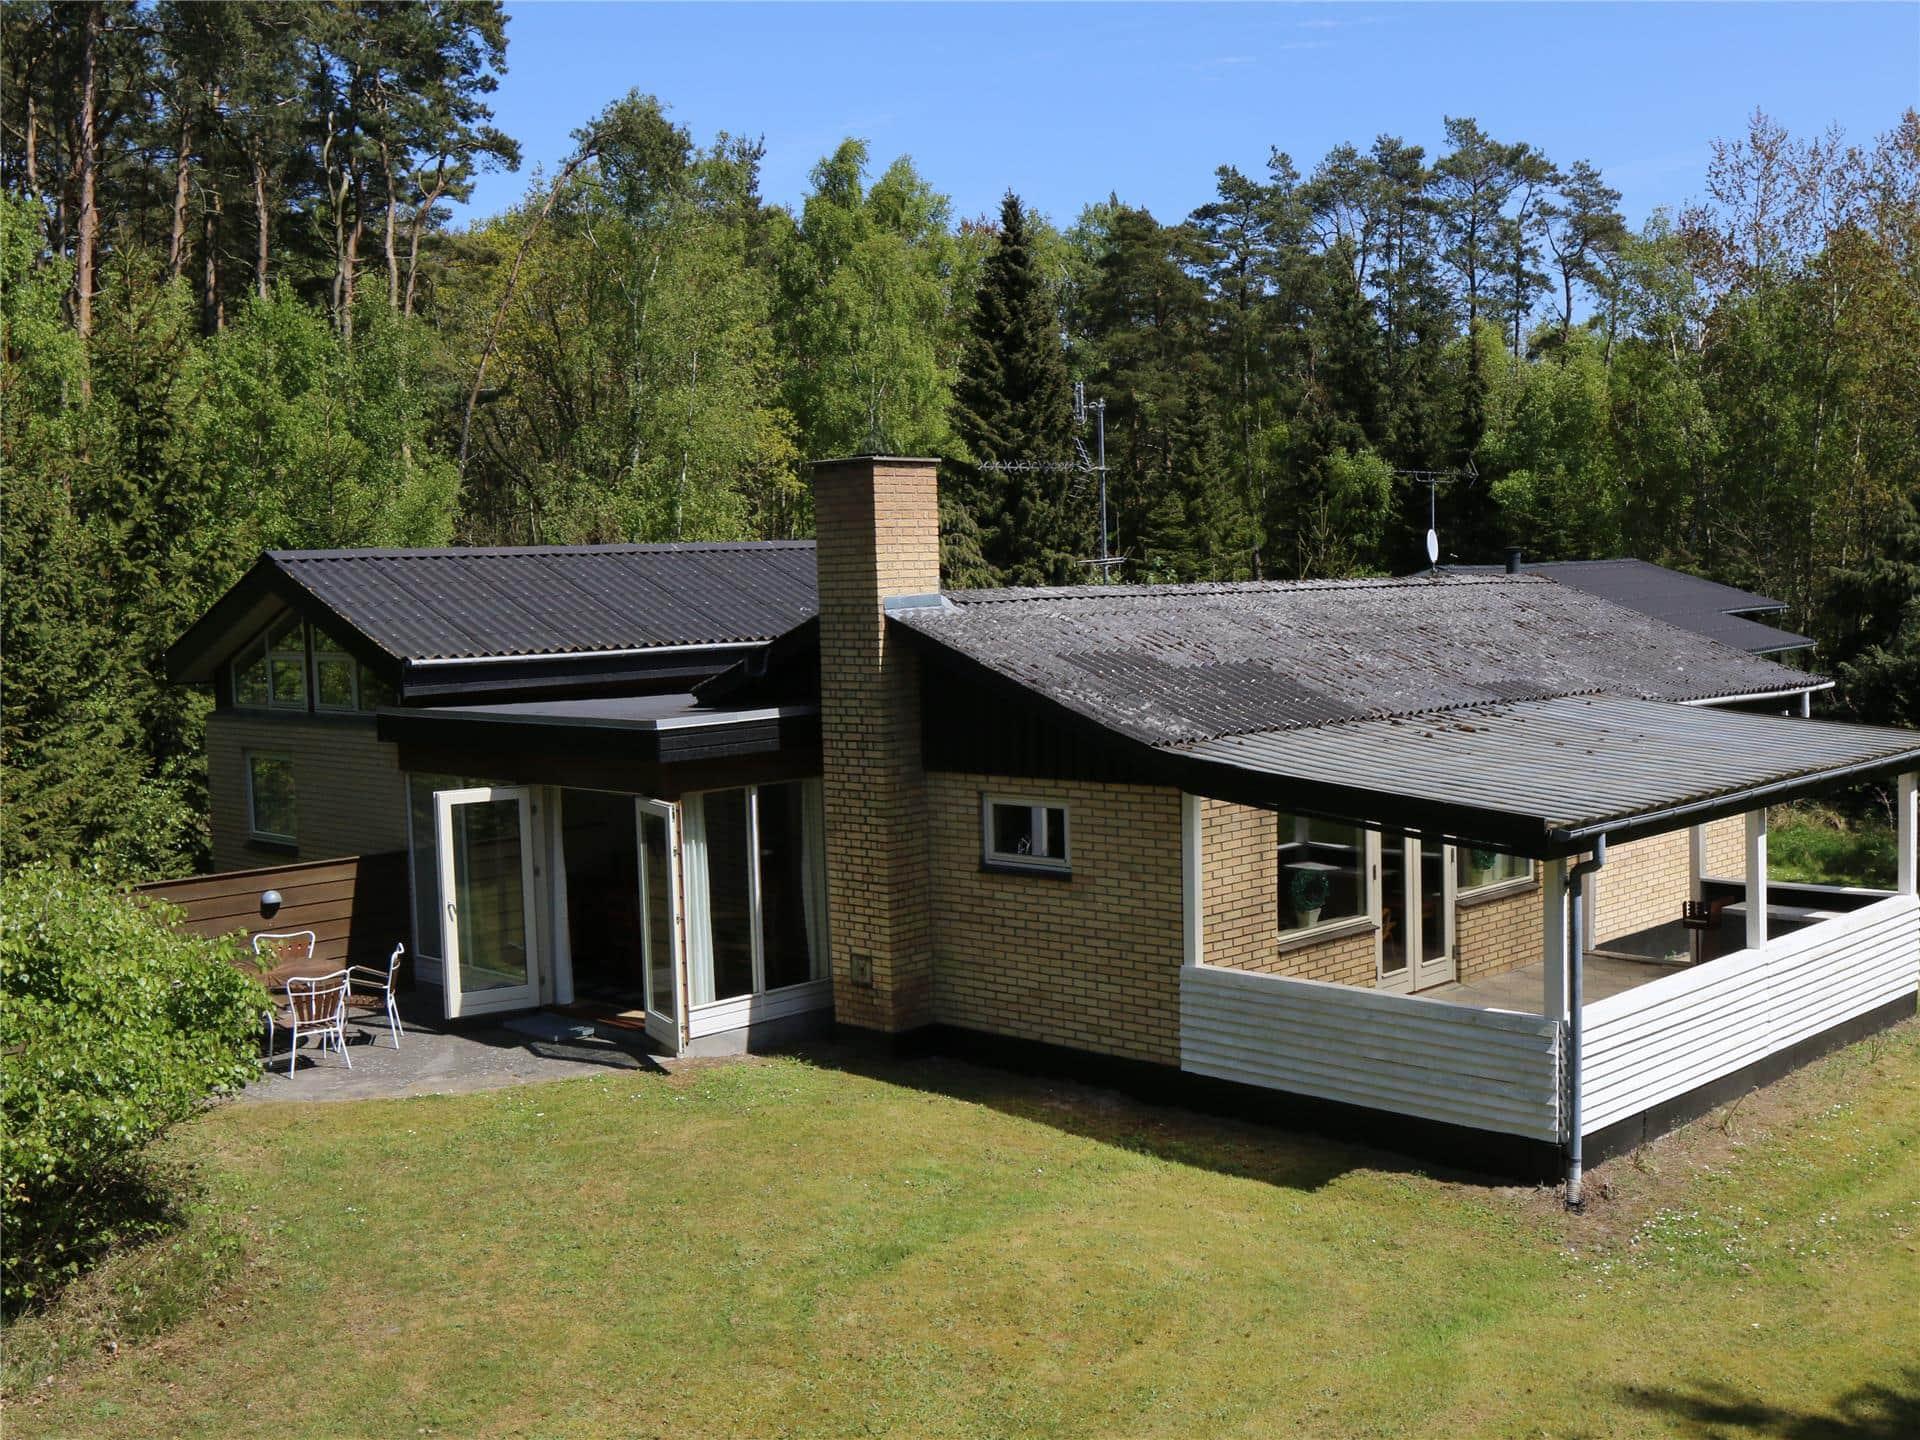 Bild 1-10 Ferienhaus 1417, Fyrrebakken 18, DK - 3720 Aakirkeby